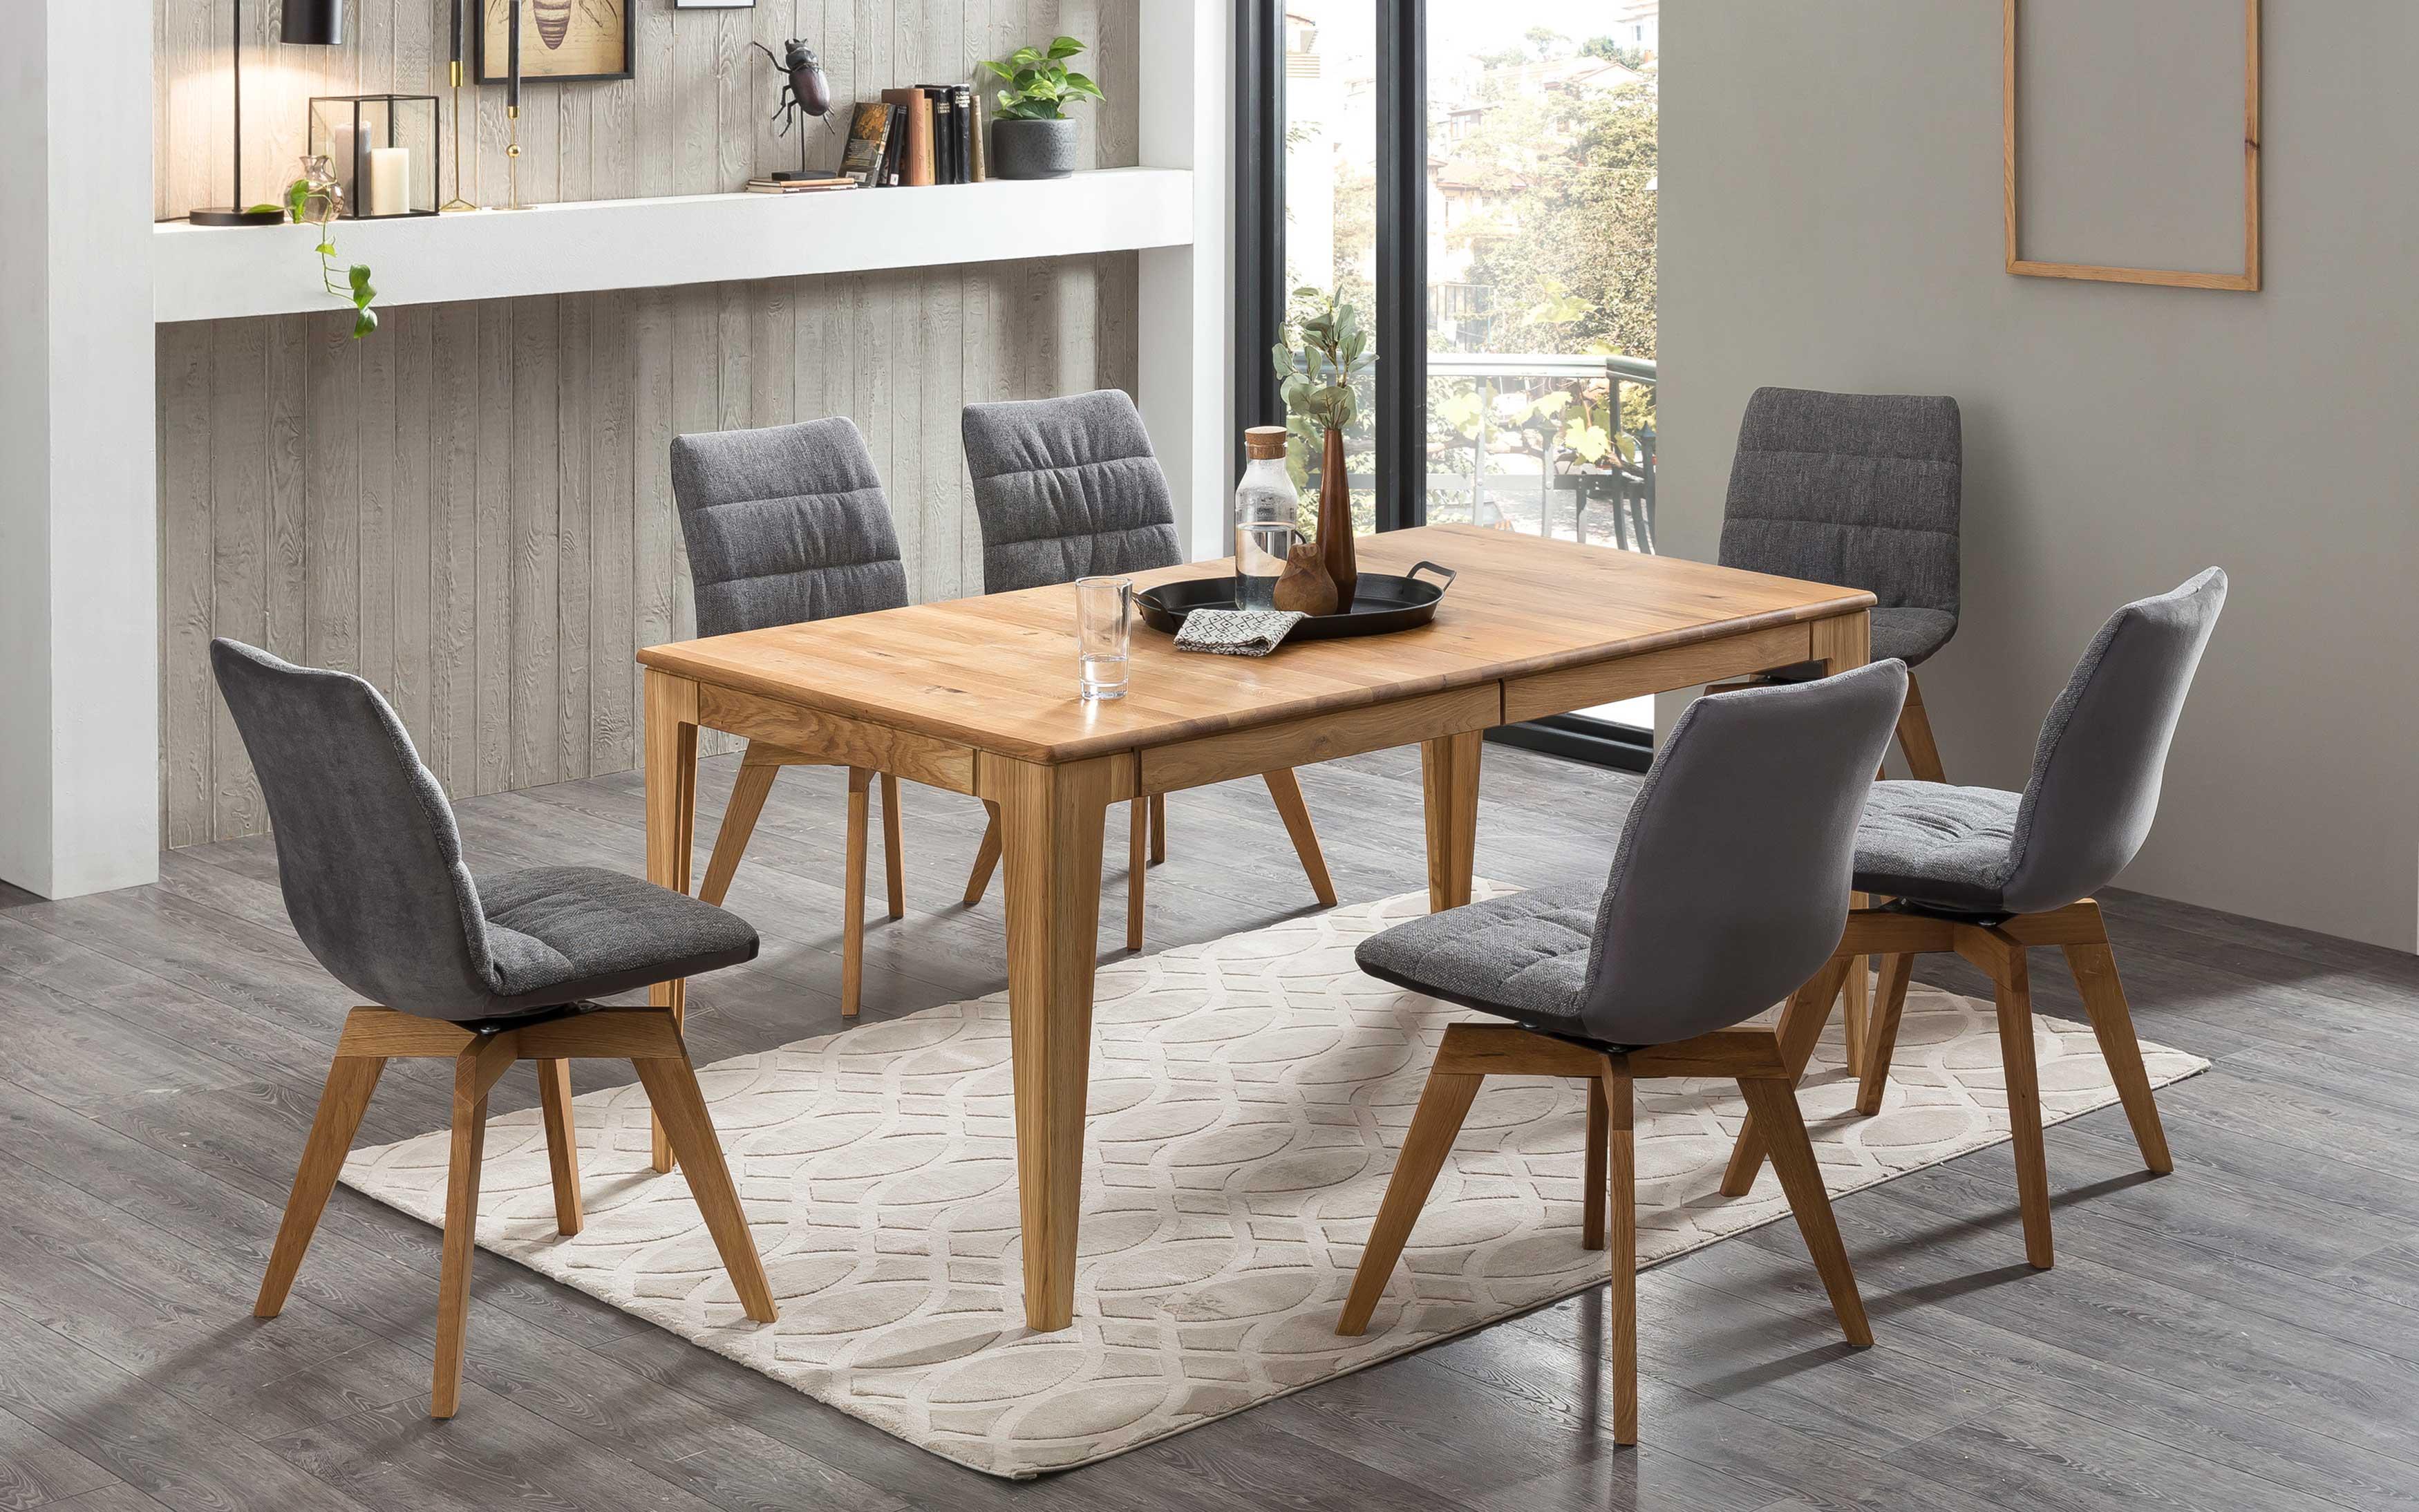 Standard Furniture Tischgruppe mit Avignon Massivholztisch und Drehstühlen Phil eiche